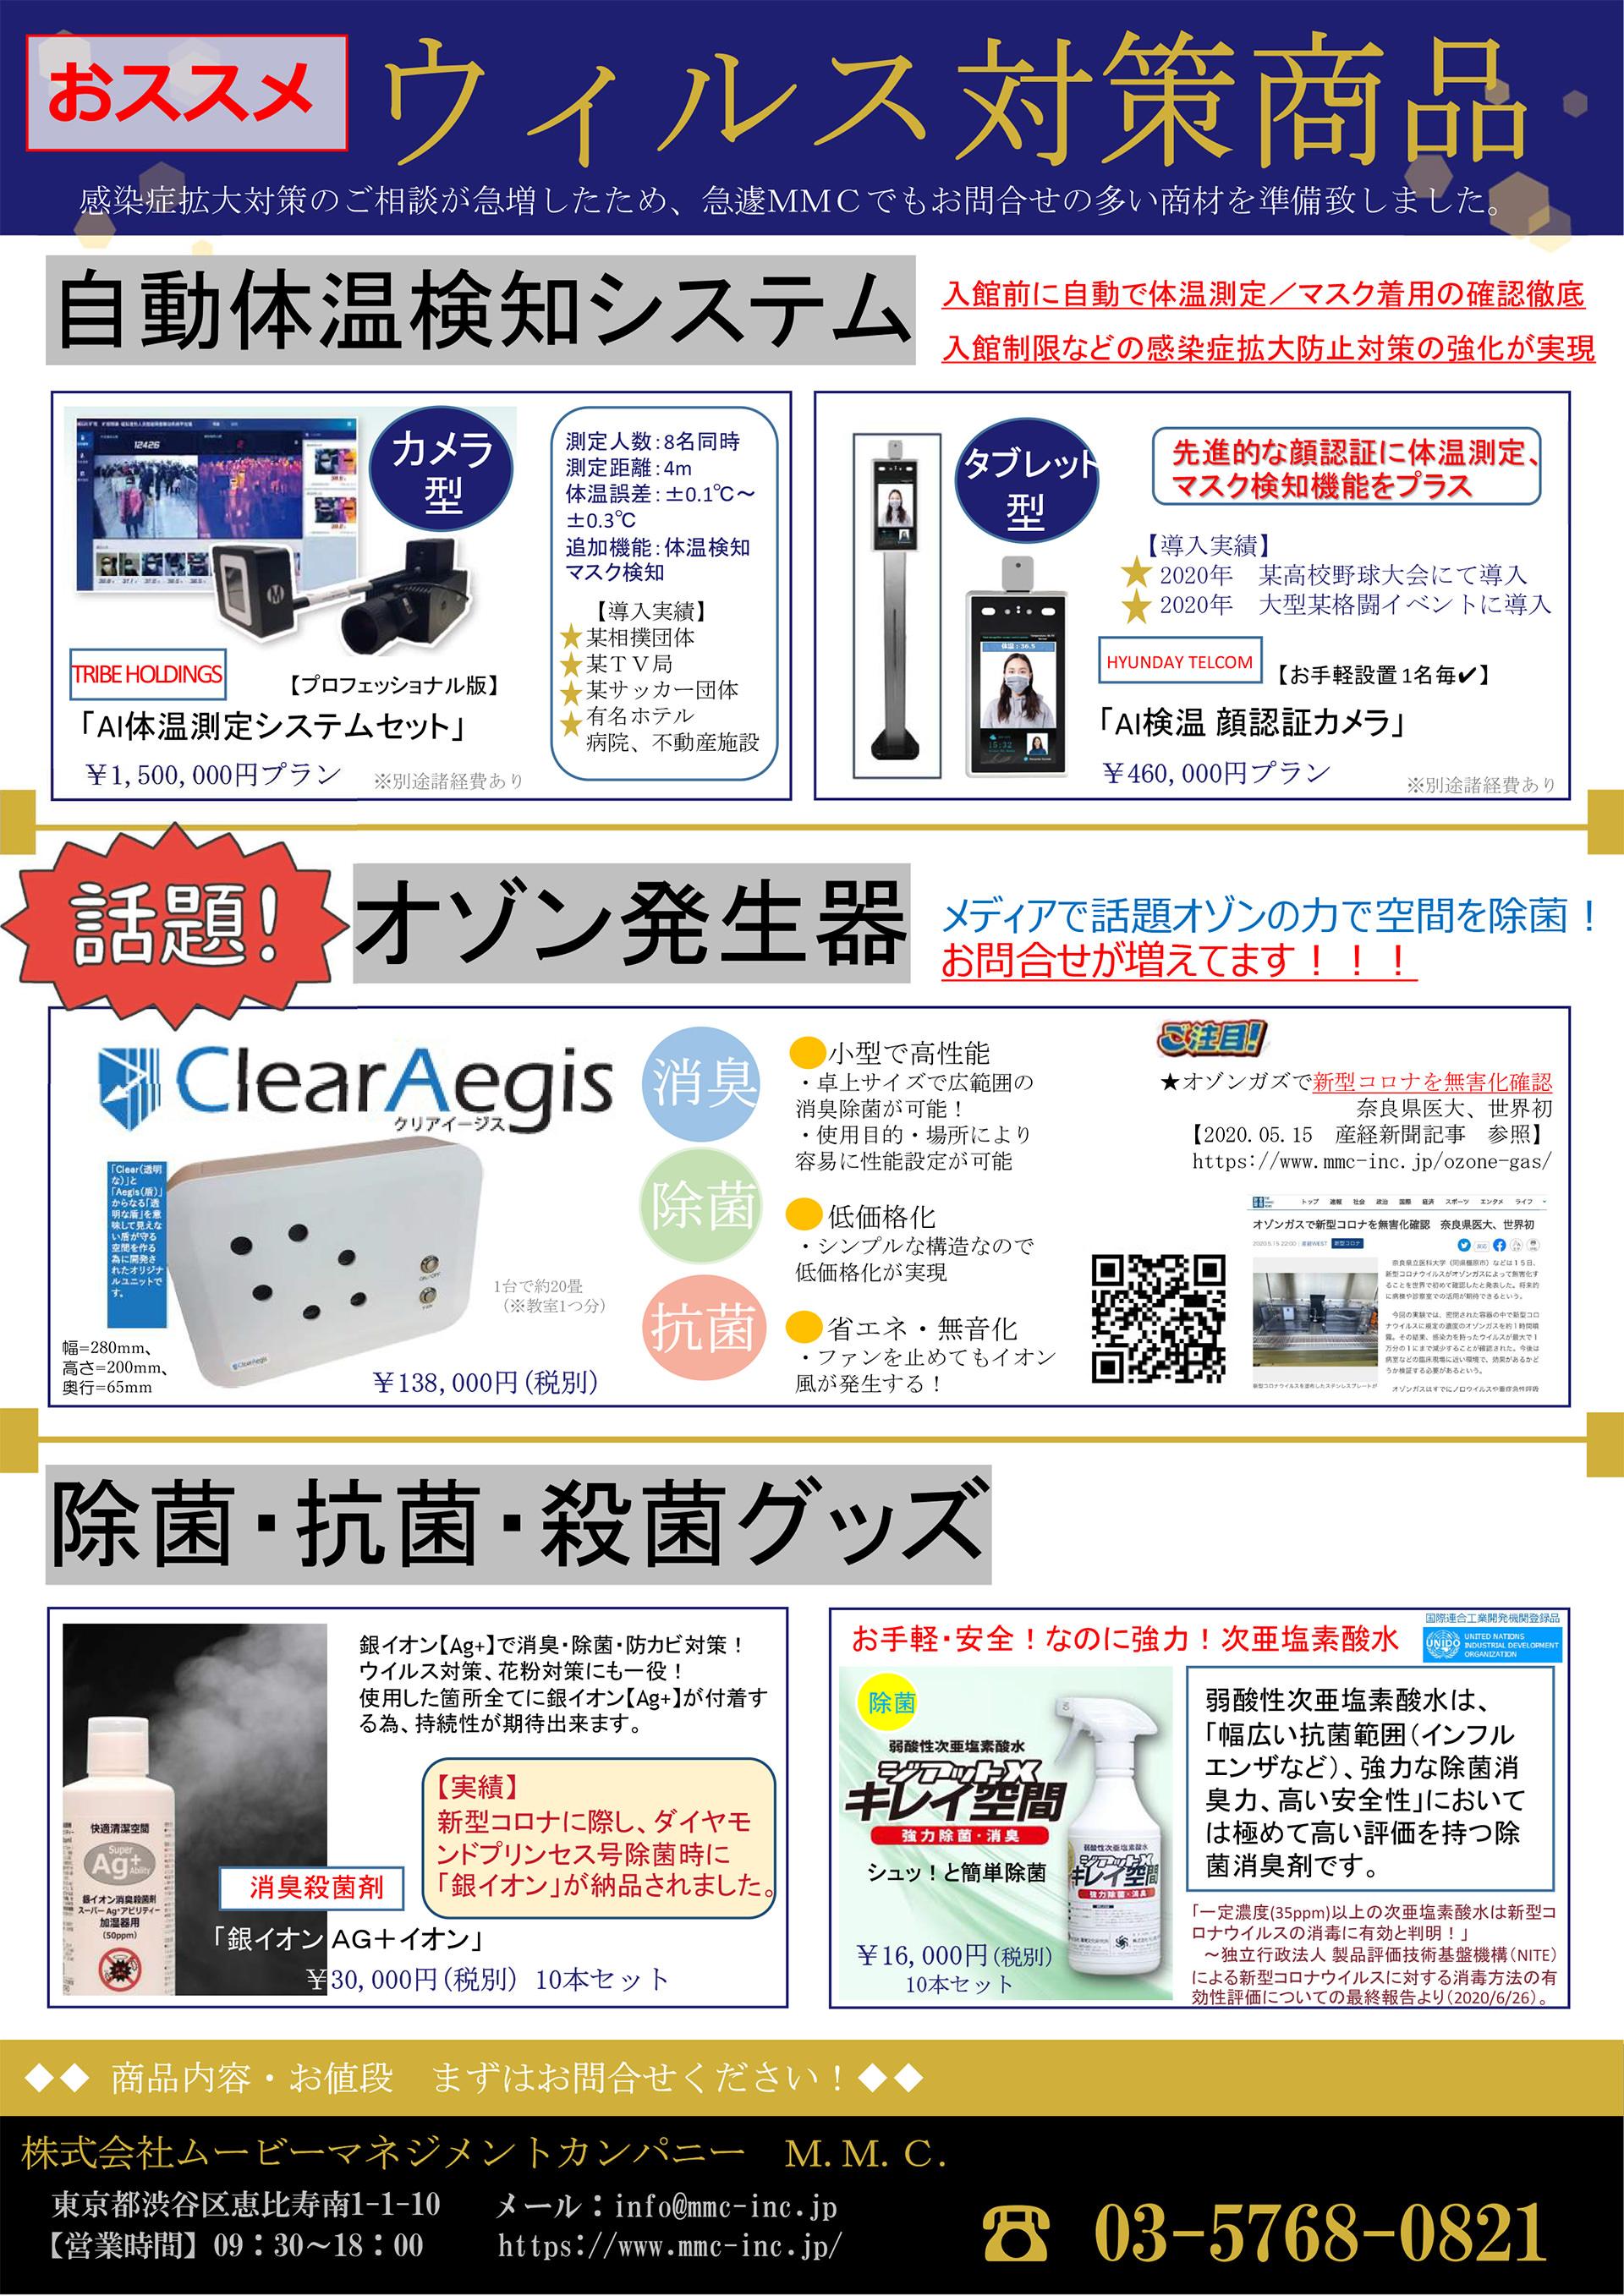 ウィルス対策商品 (1)AI体温検知システム (2)オゾン発生機